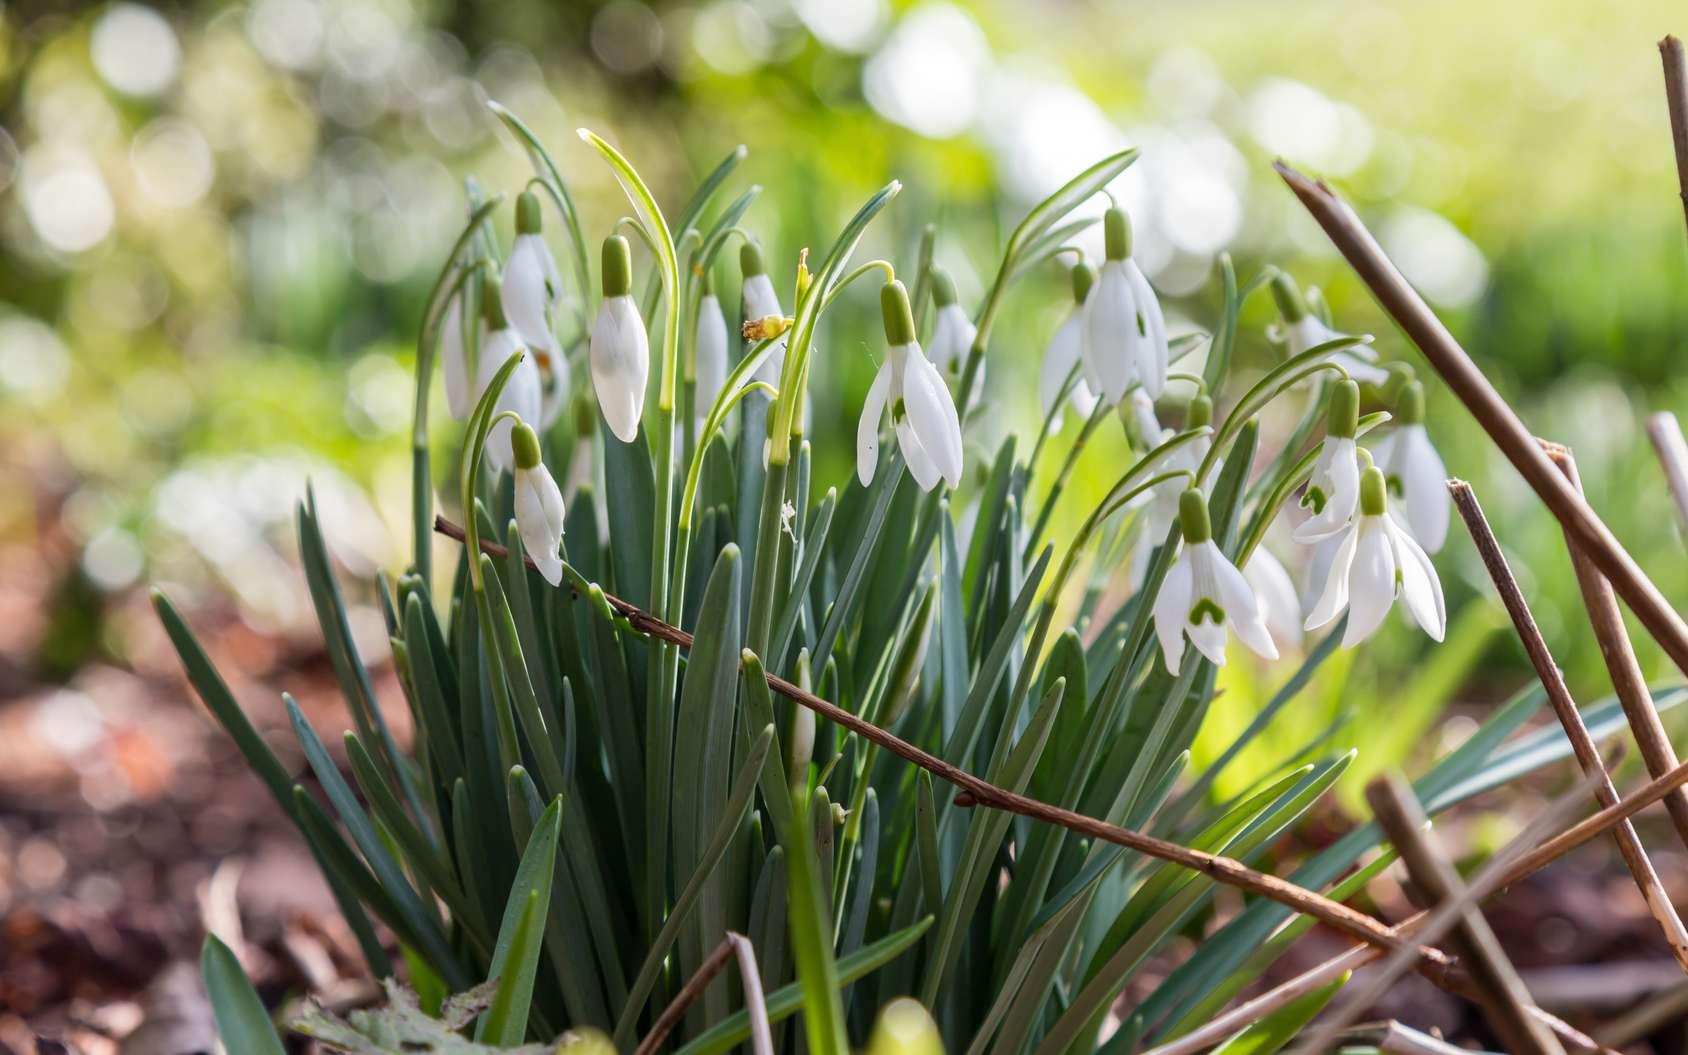 Le perce-neige, une fleur annonciatrice du printemps. © lemanieh, fotolia